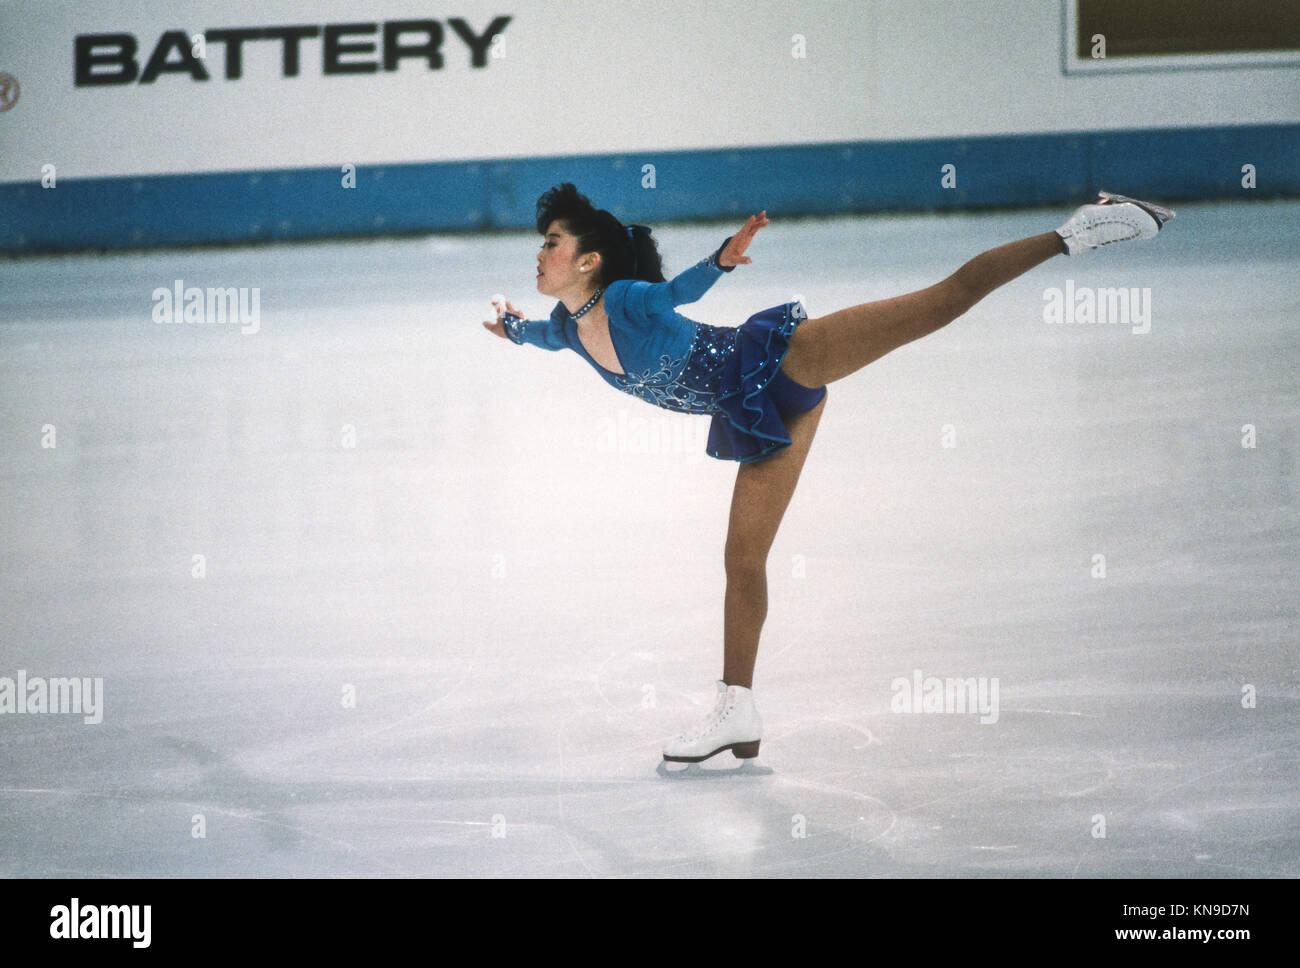 Kristi yamaguchi (USA) compitiendo en el campeonato mundial de 1989. Imagen De Stock